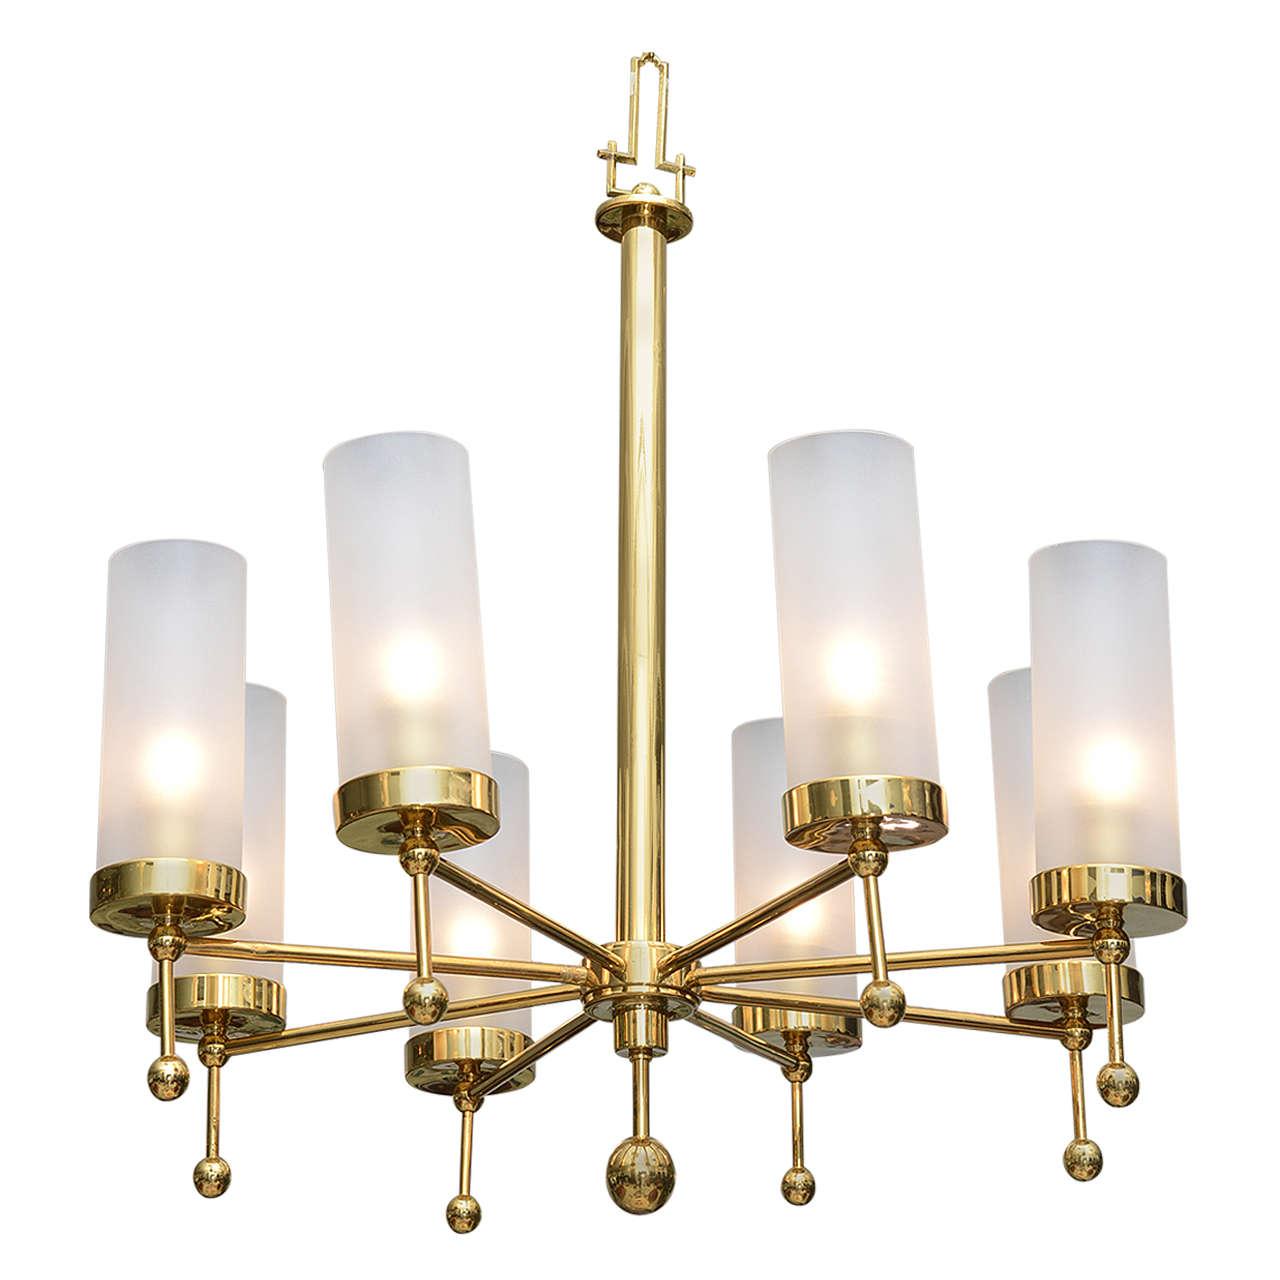 Italian Modern Brass and Glass Eight-Light Chandelier in the Manner of Stilnovo